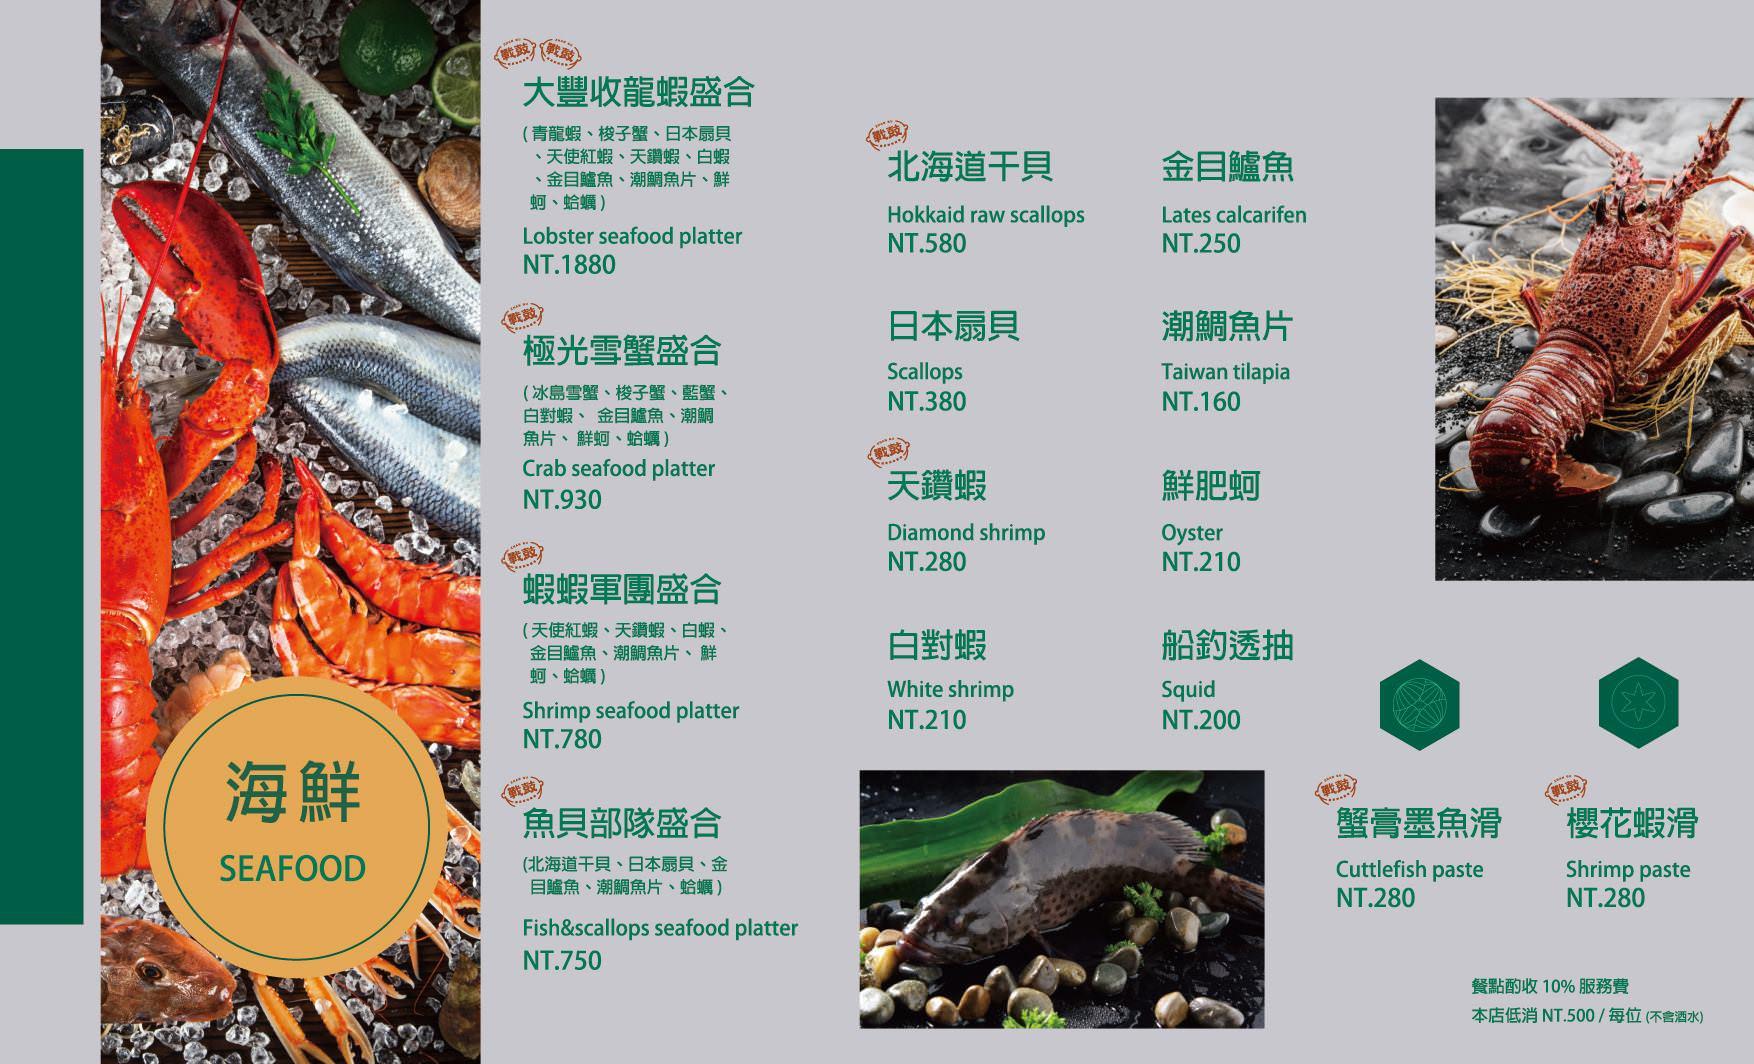 20200215005931 46 - 熱血採訪 | 戰鼓火鍋新開幕,吃一餐送一餐,整尾鱸魚燉魚鍋、麻辣湯燉牛骨滋味豐厚!